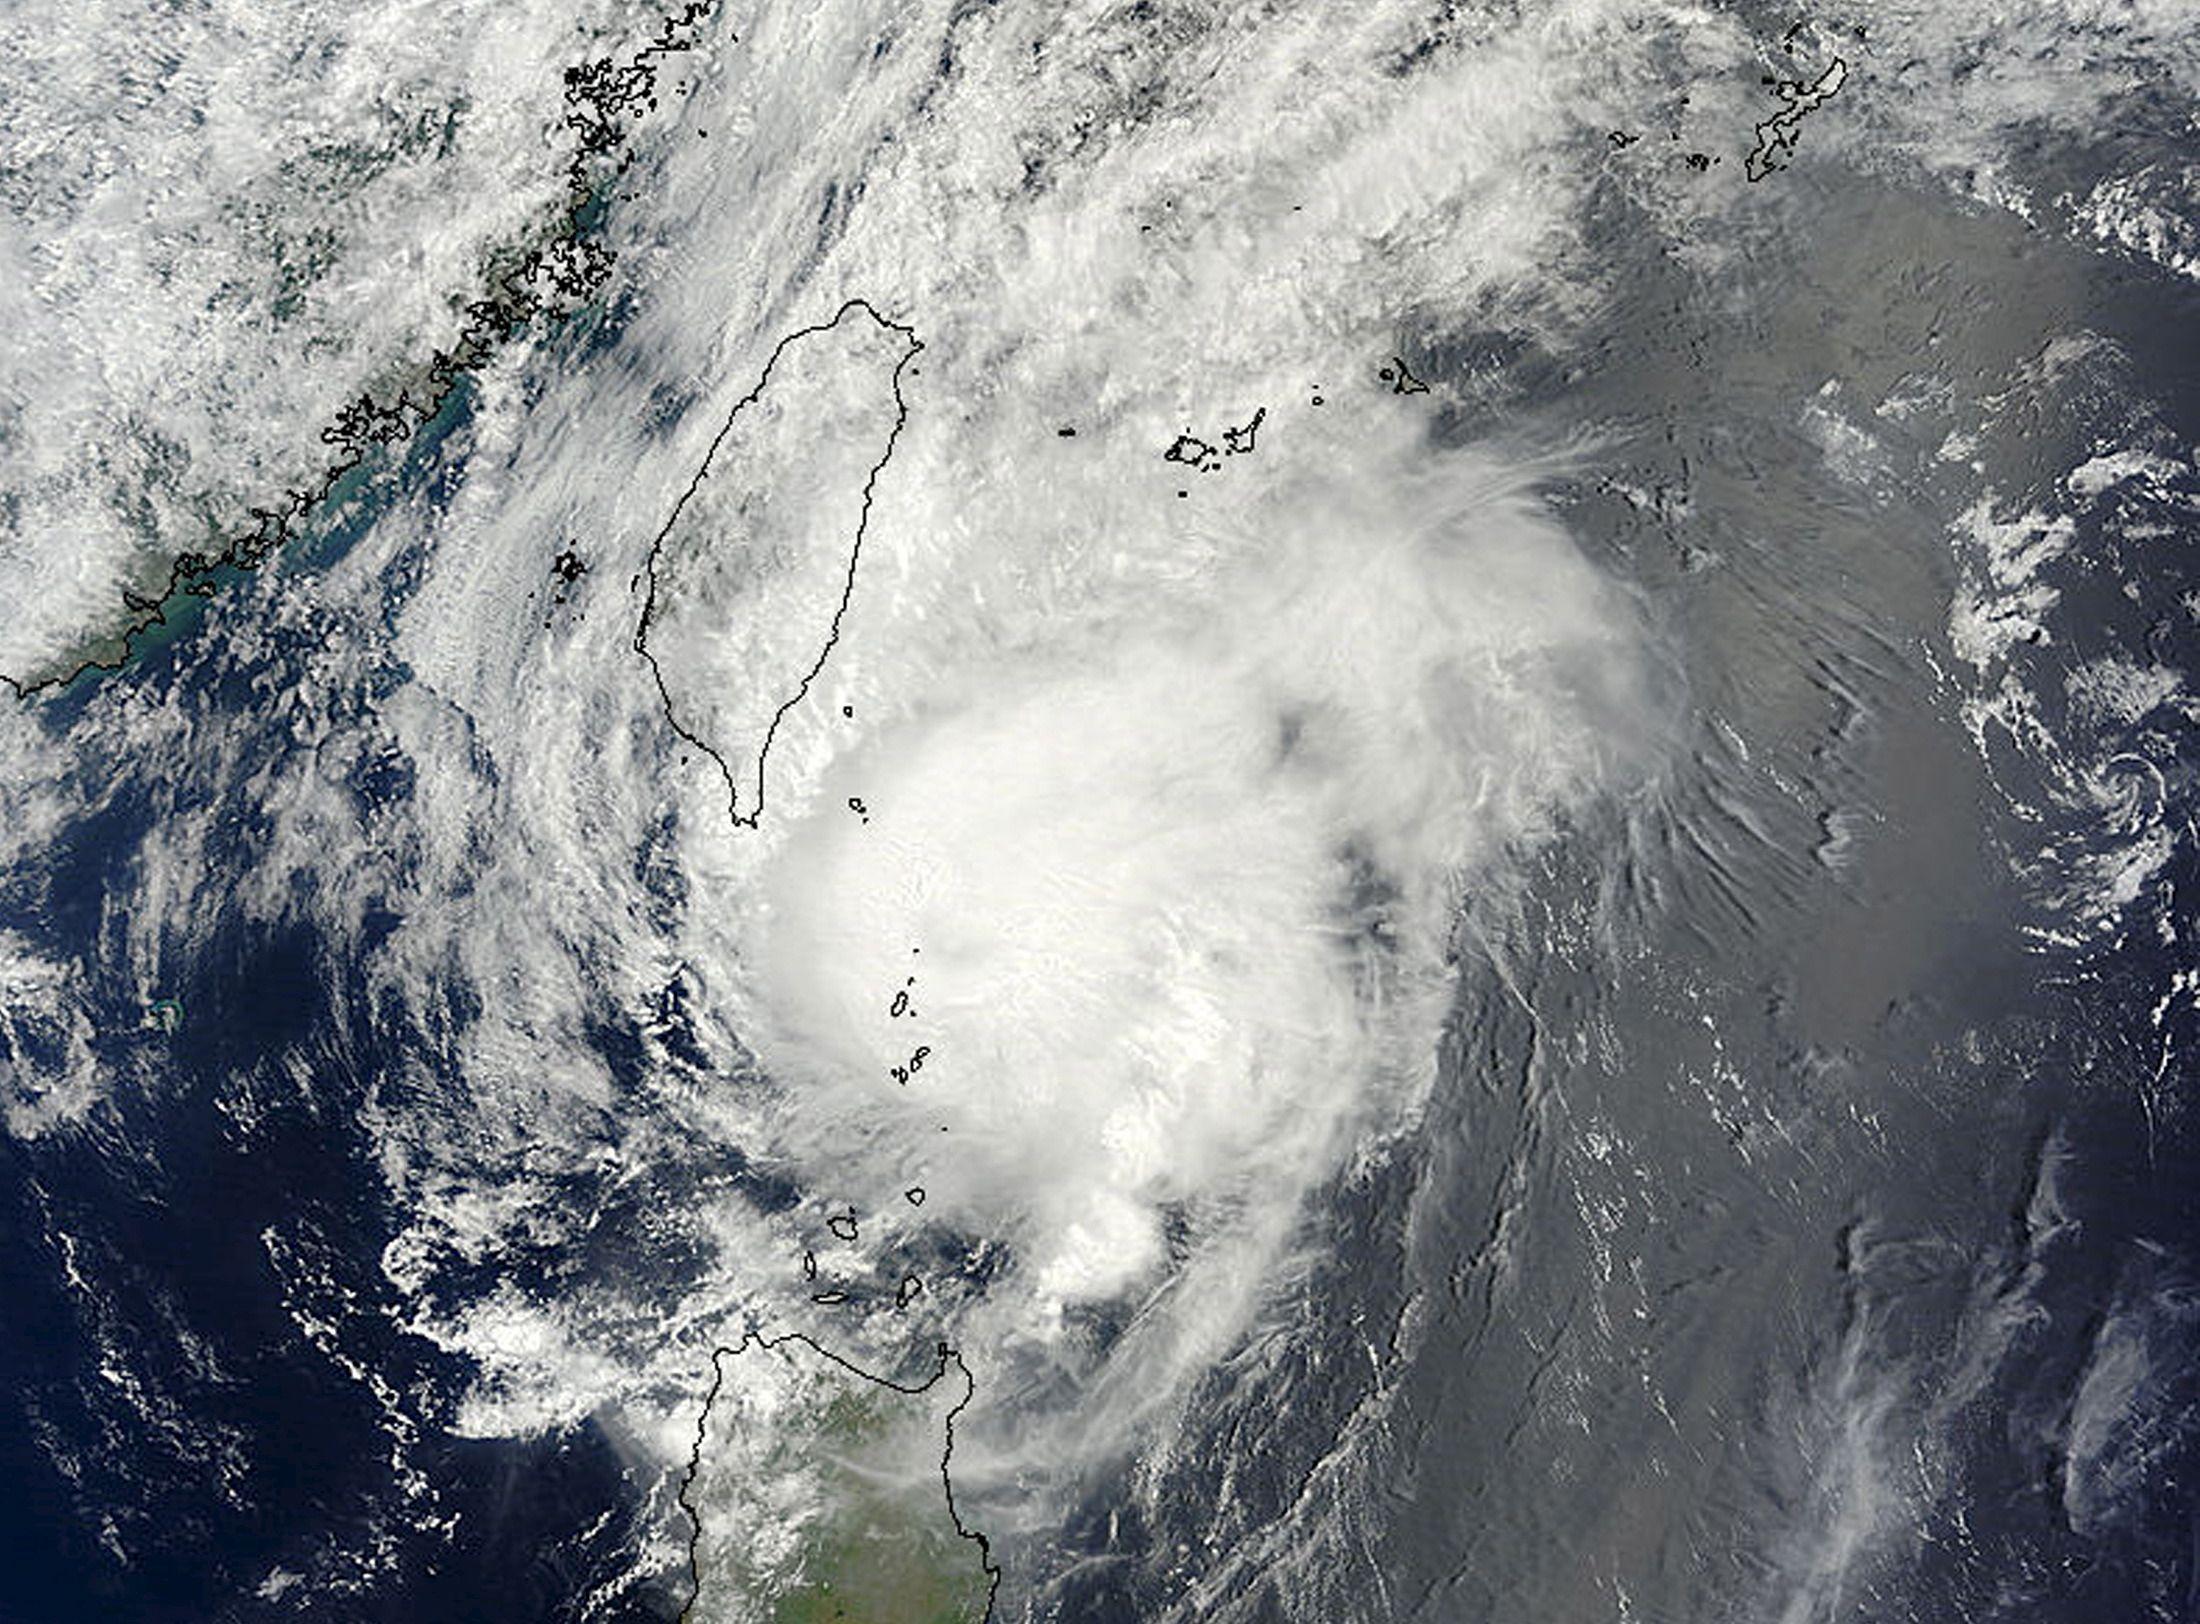 Geostorm : pourquoi la science du contrôle de la météo qui se cache derrière le film catastrophe n'a jamais abouti malgré ses efforts